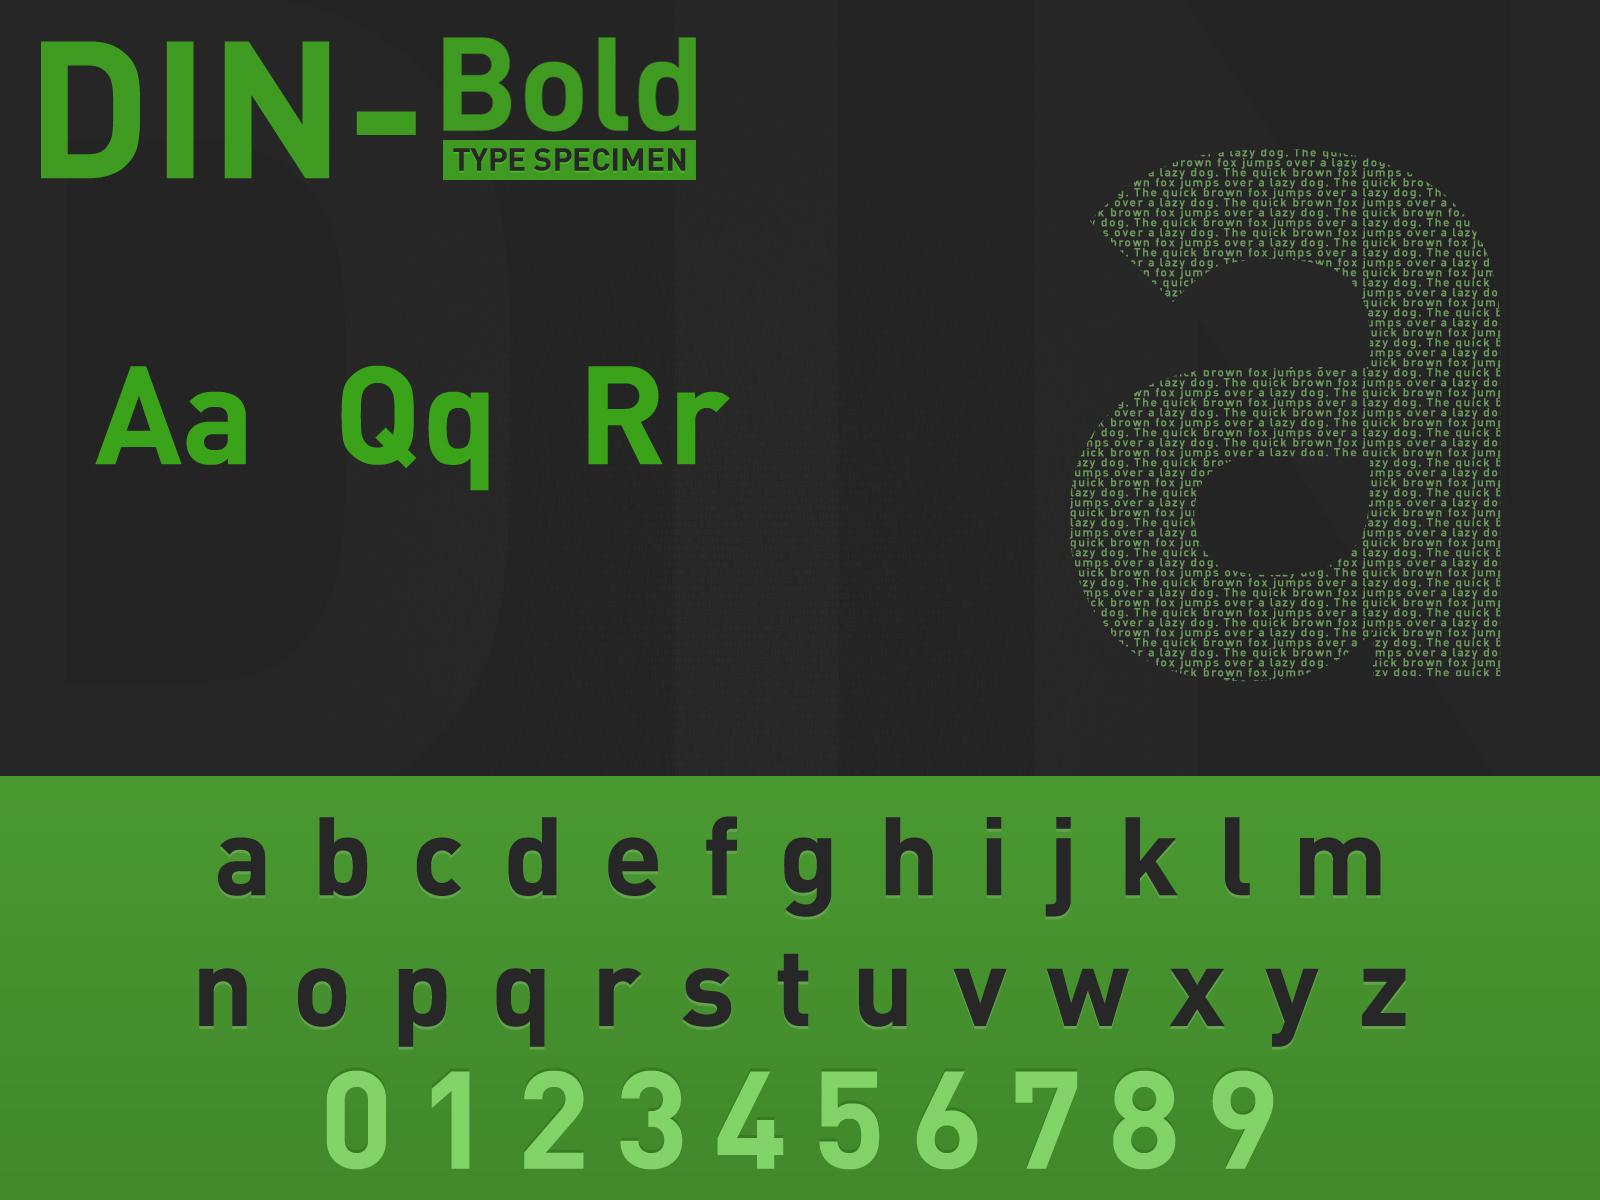 DIN-Bold Type Specimen by t1nus